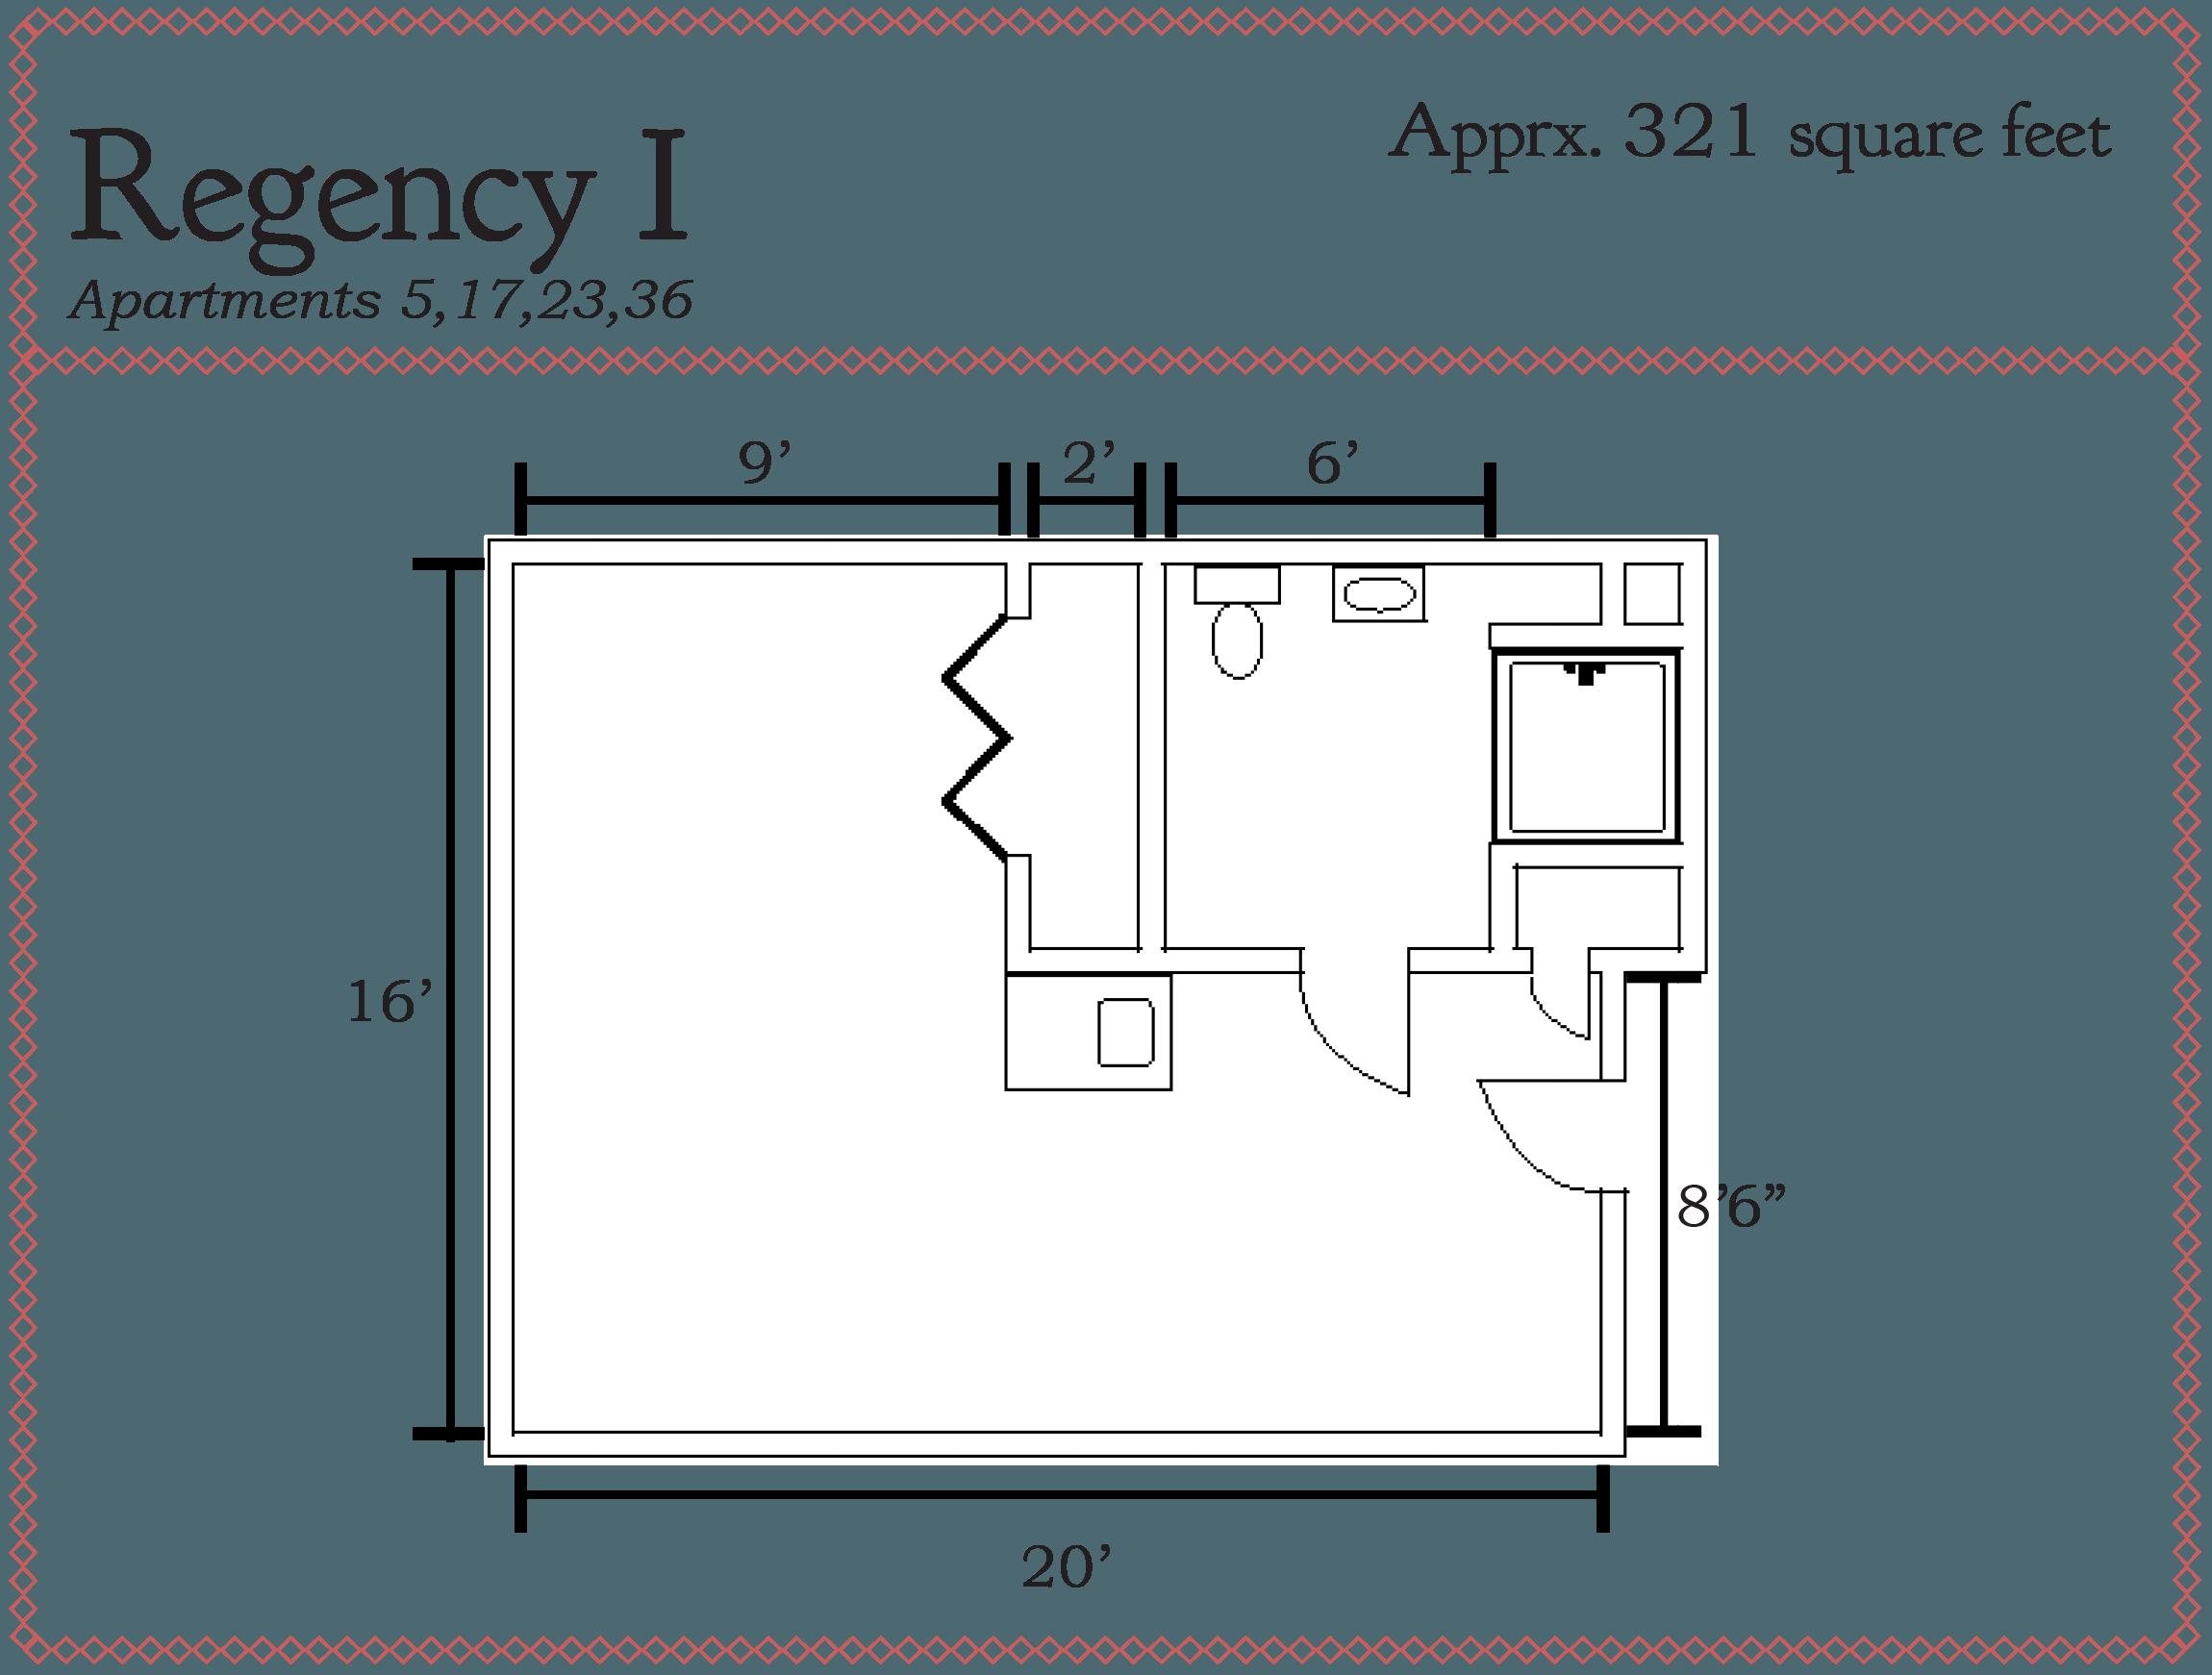 Regency I